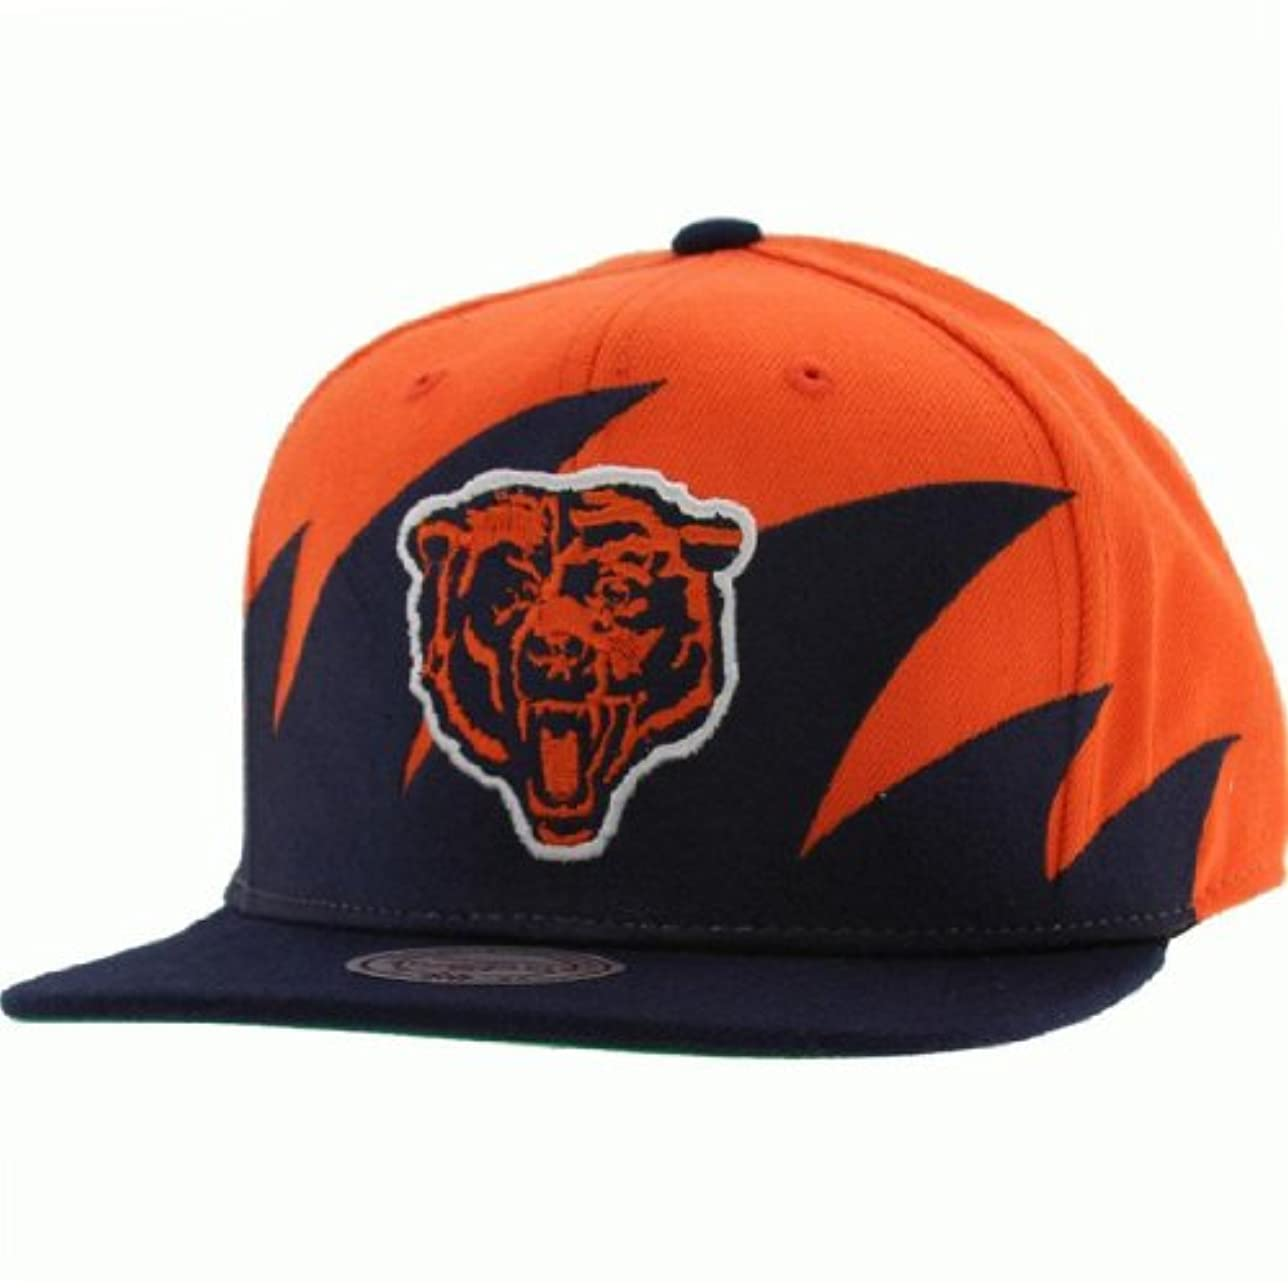 挑むタイプメドレーNFL Mitchell & Ness Chicago Bears Navy blue-orange NFL Sharktoothスナップバック調節可能な帽子